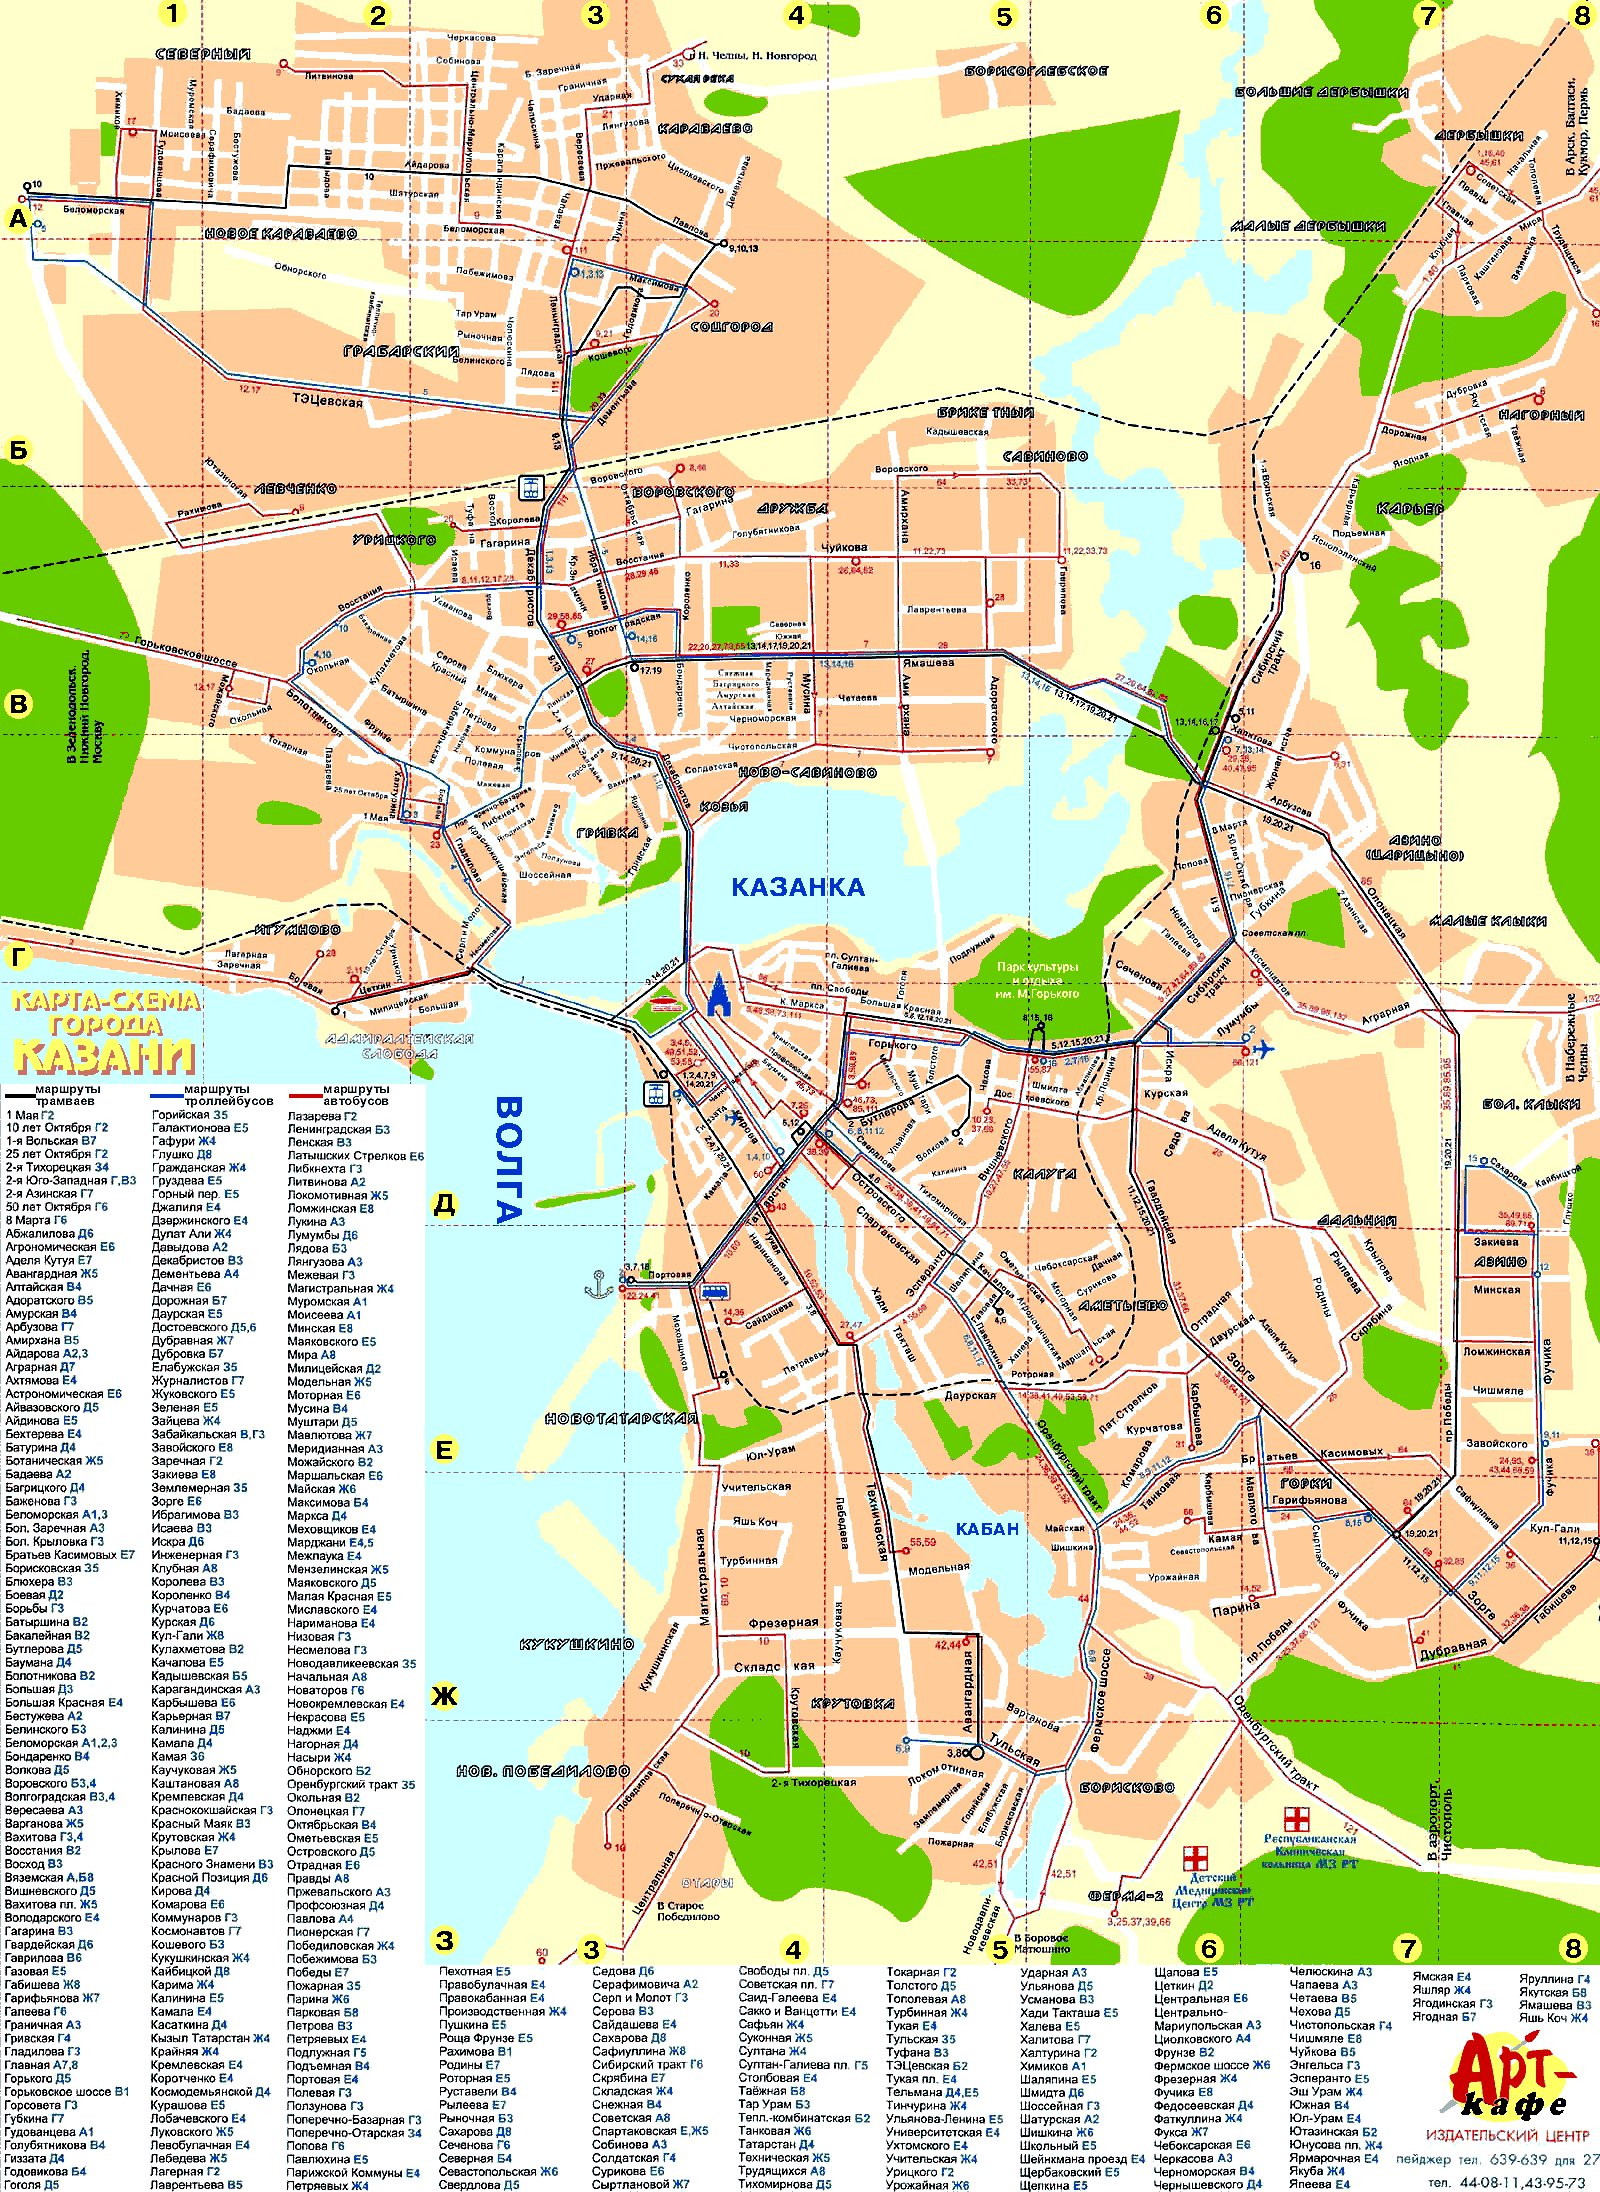 Карта схема города казань 207